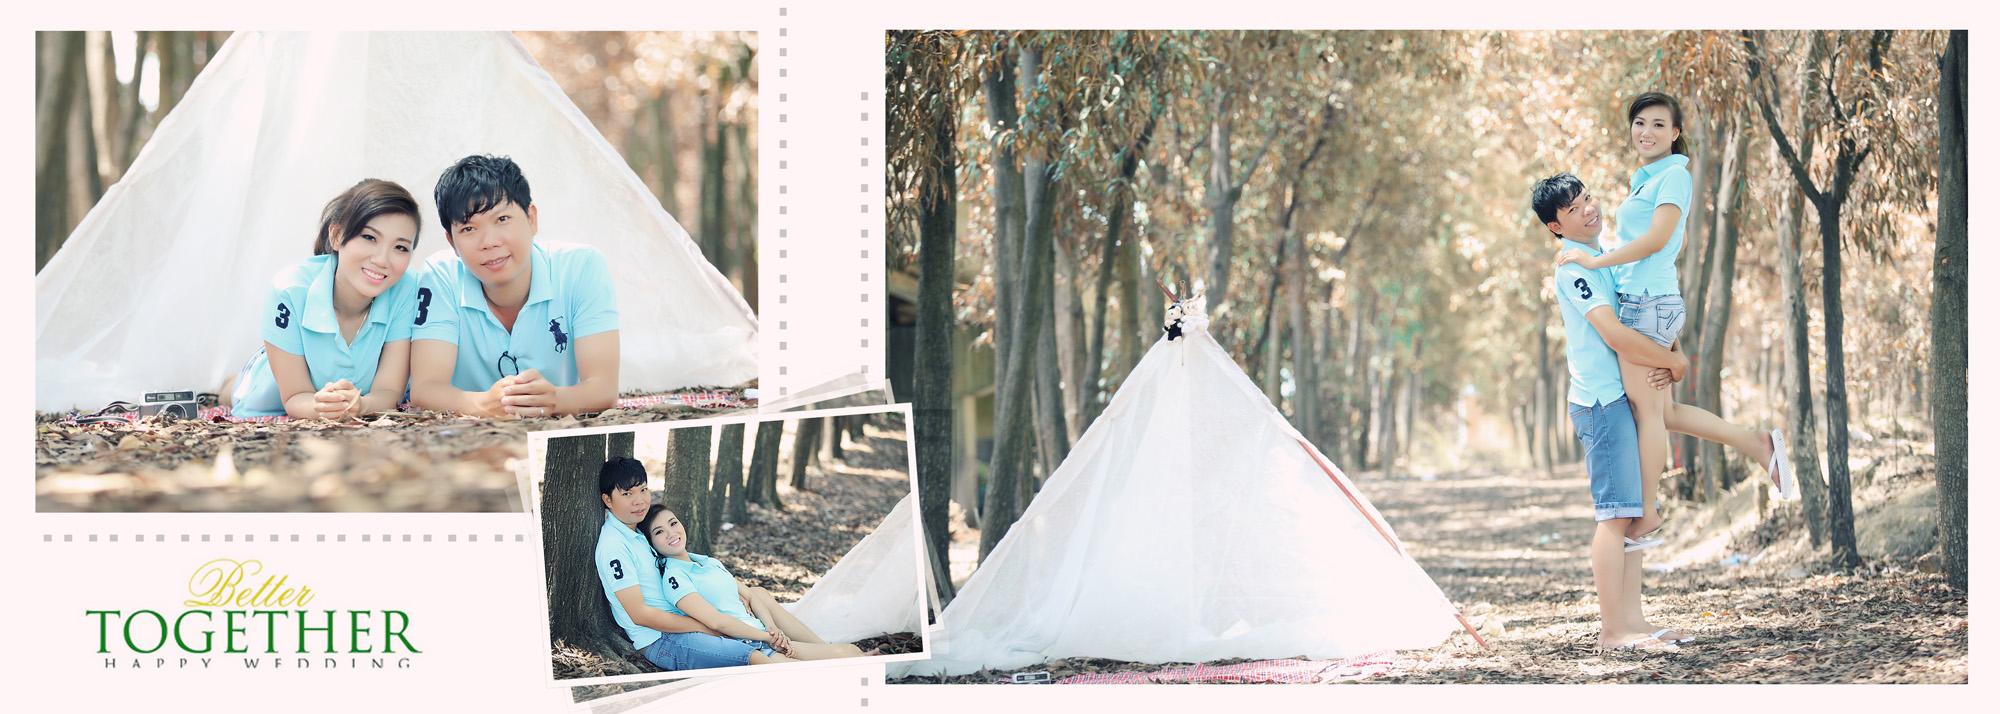 Album chụp hình cưới Trung và Diễm 3